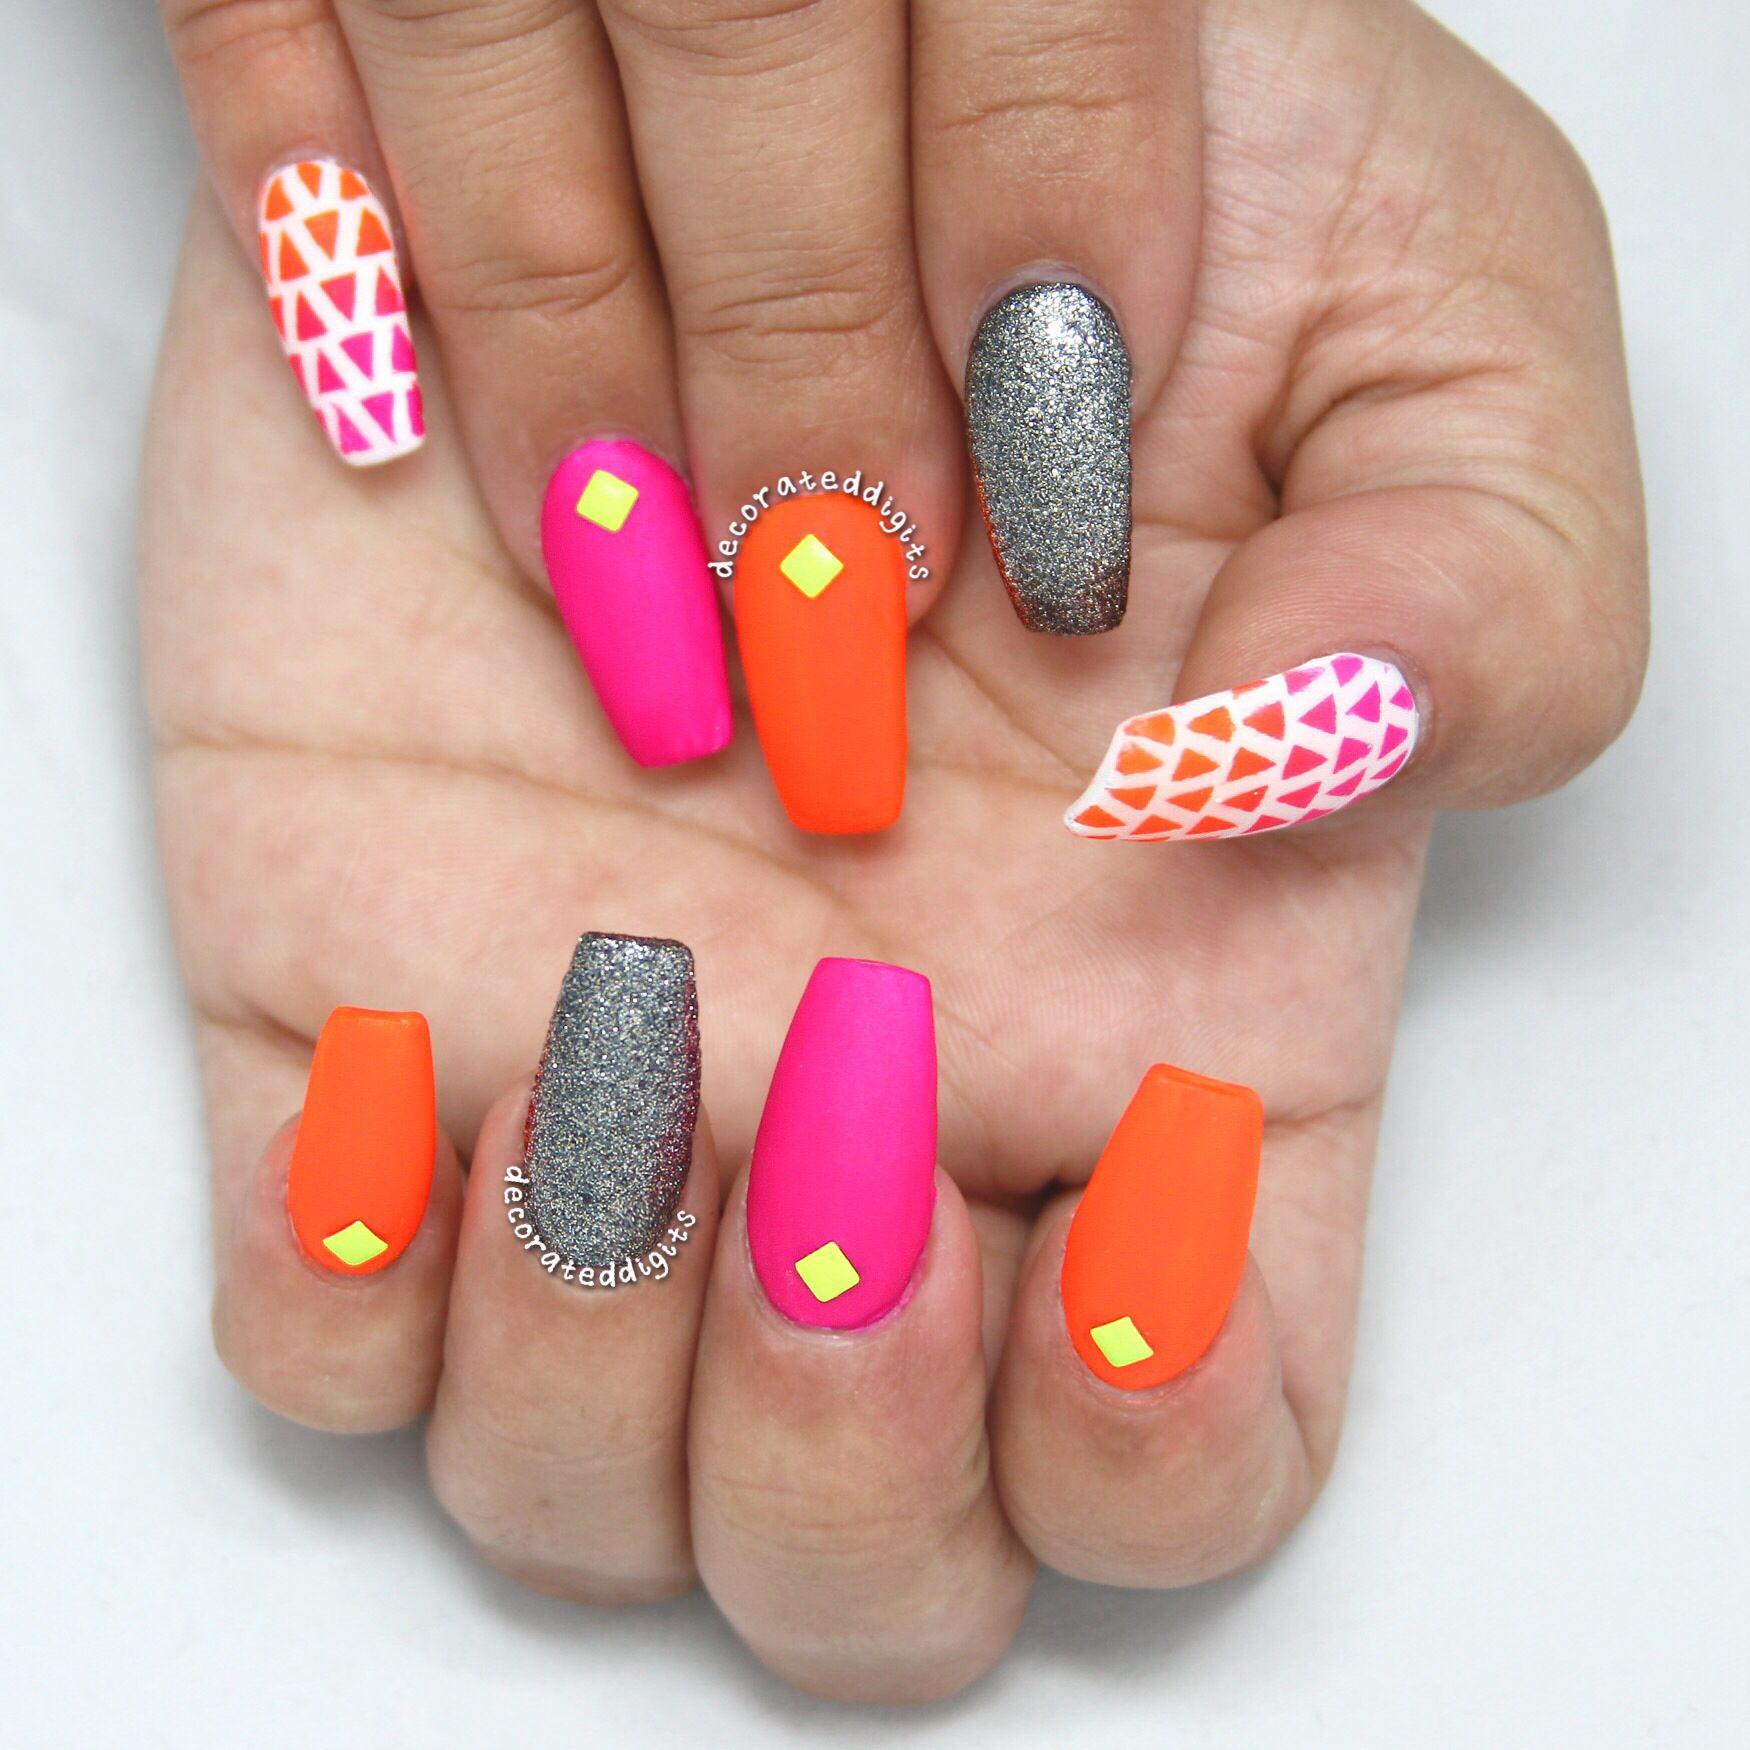 Matte neon coffin nails by decorateddigits | decorateddigits | Pinterest